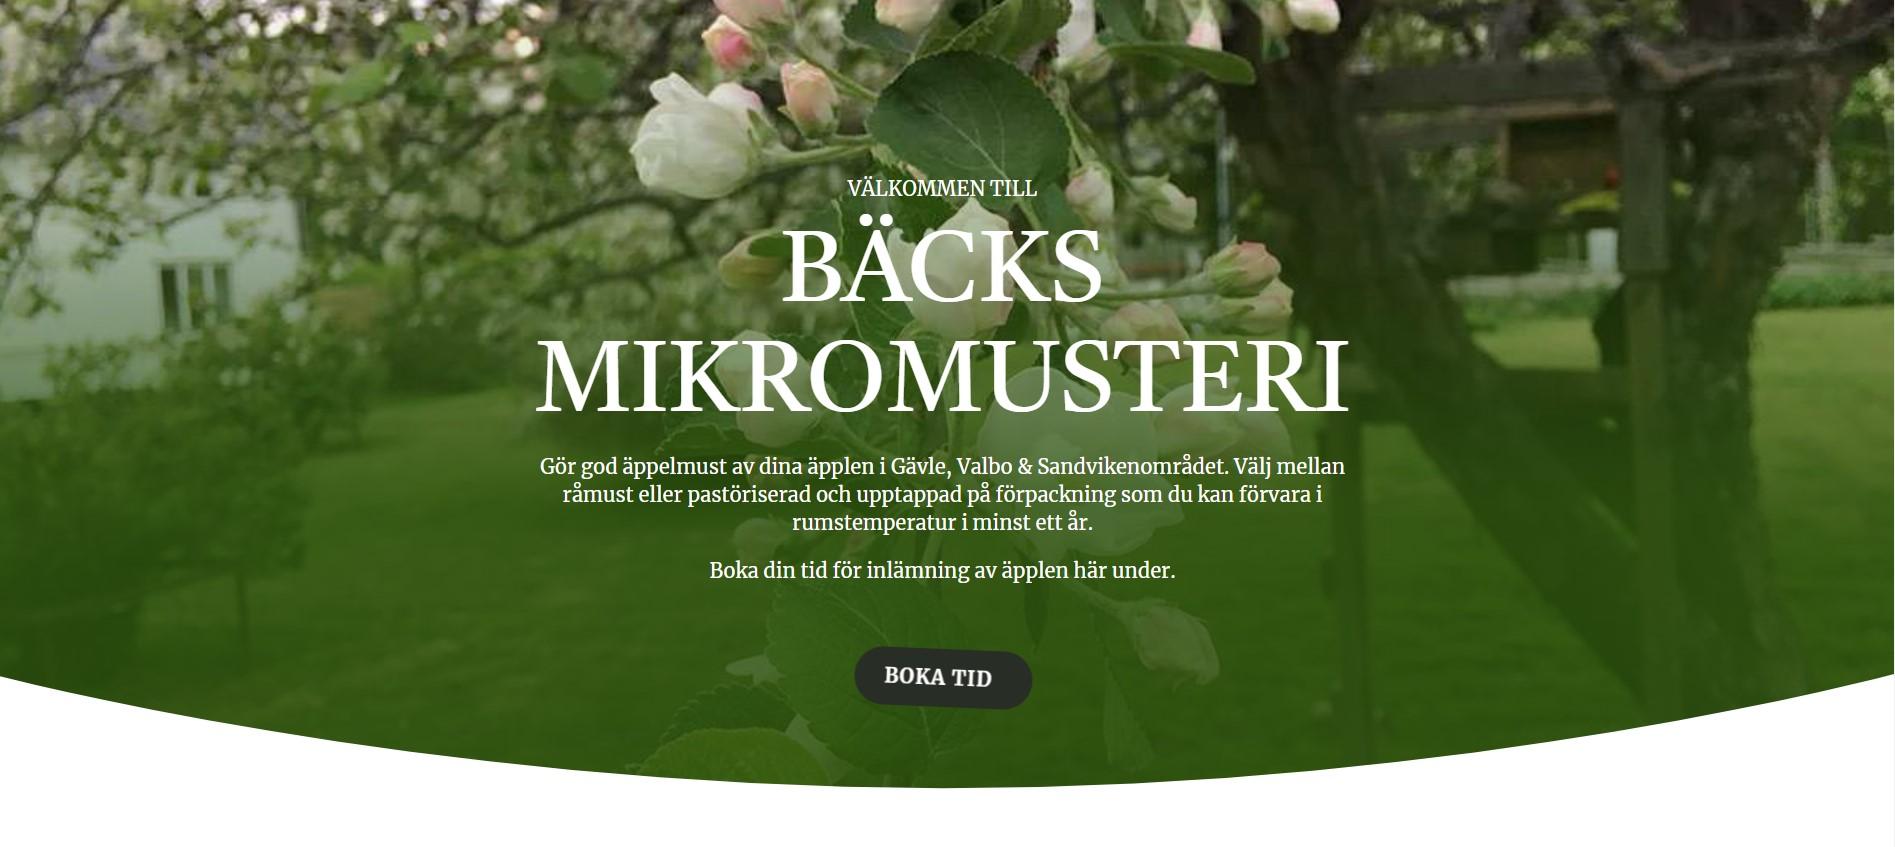 Välkommen till Bäcks lilla äppelmusteri